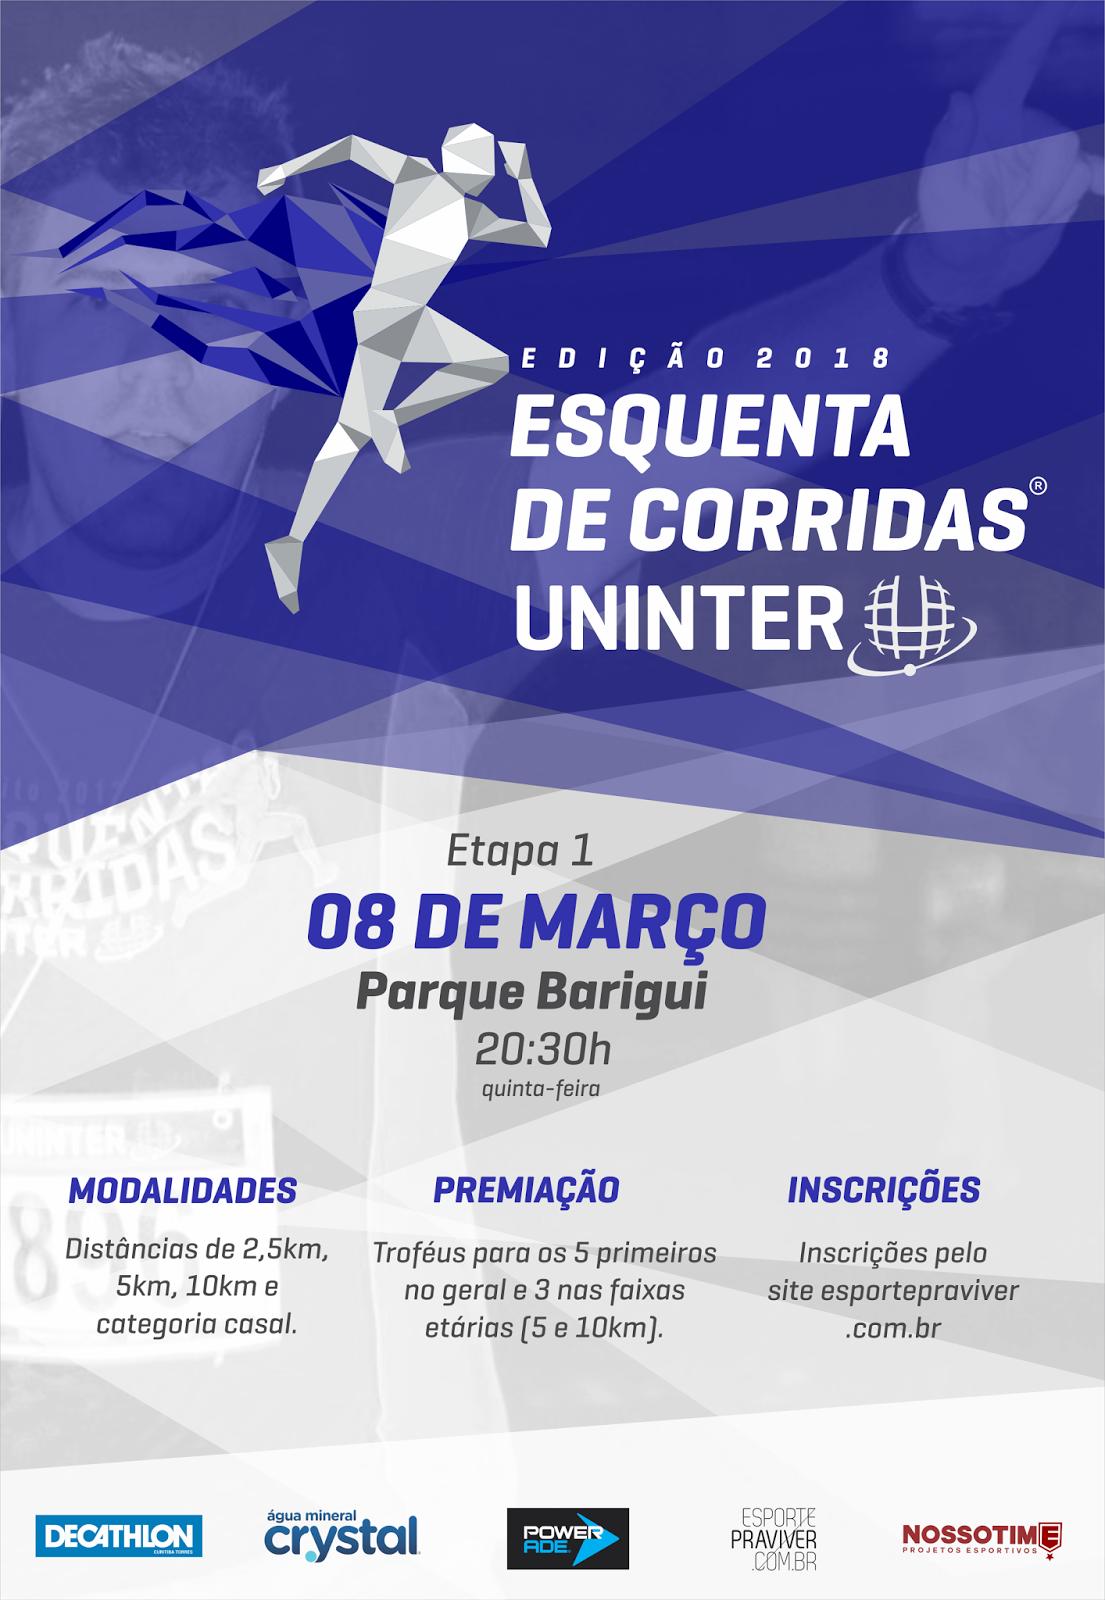 2da278f2e ESQUENTA DE CORRIDAS UNINTER 2018 - ETAPA 1 - PARQUE BARIGUI